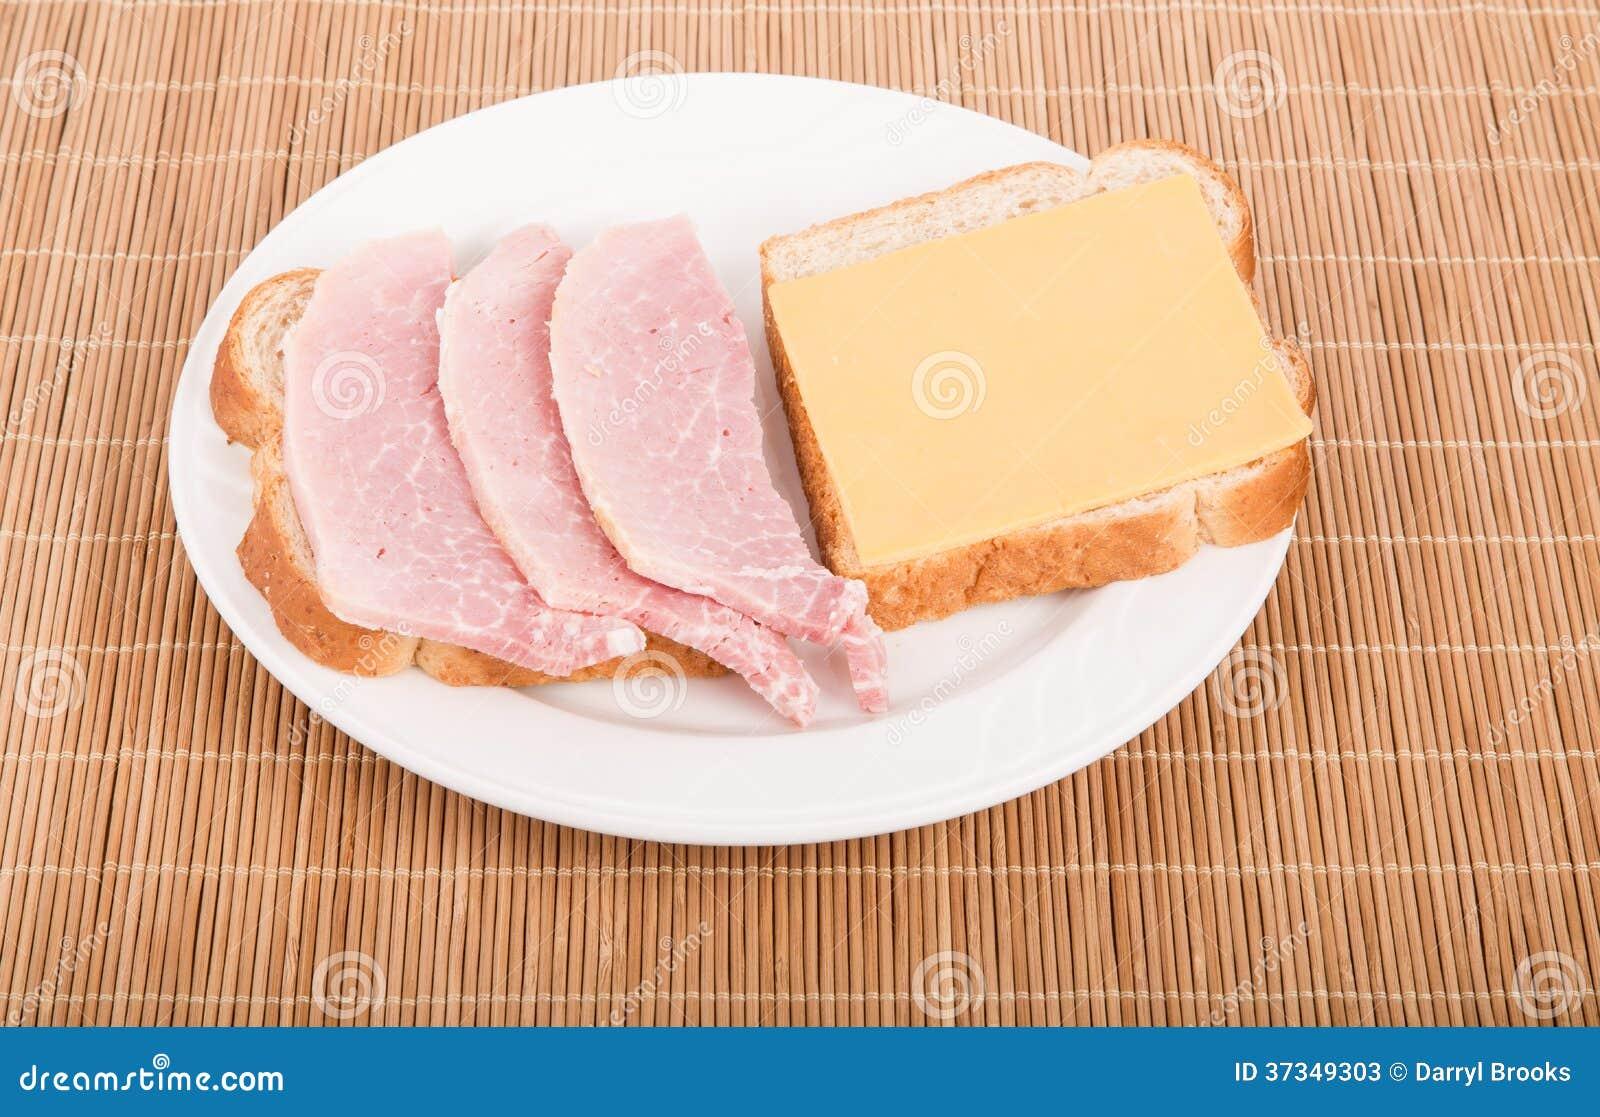 Öppen smörgås av skivad skinka- och cheddarost